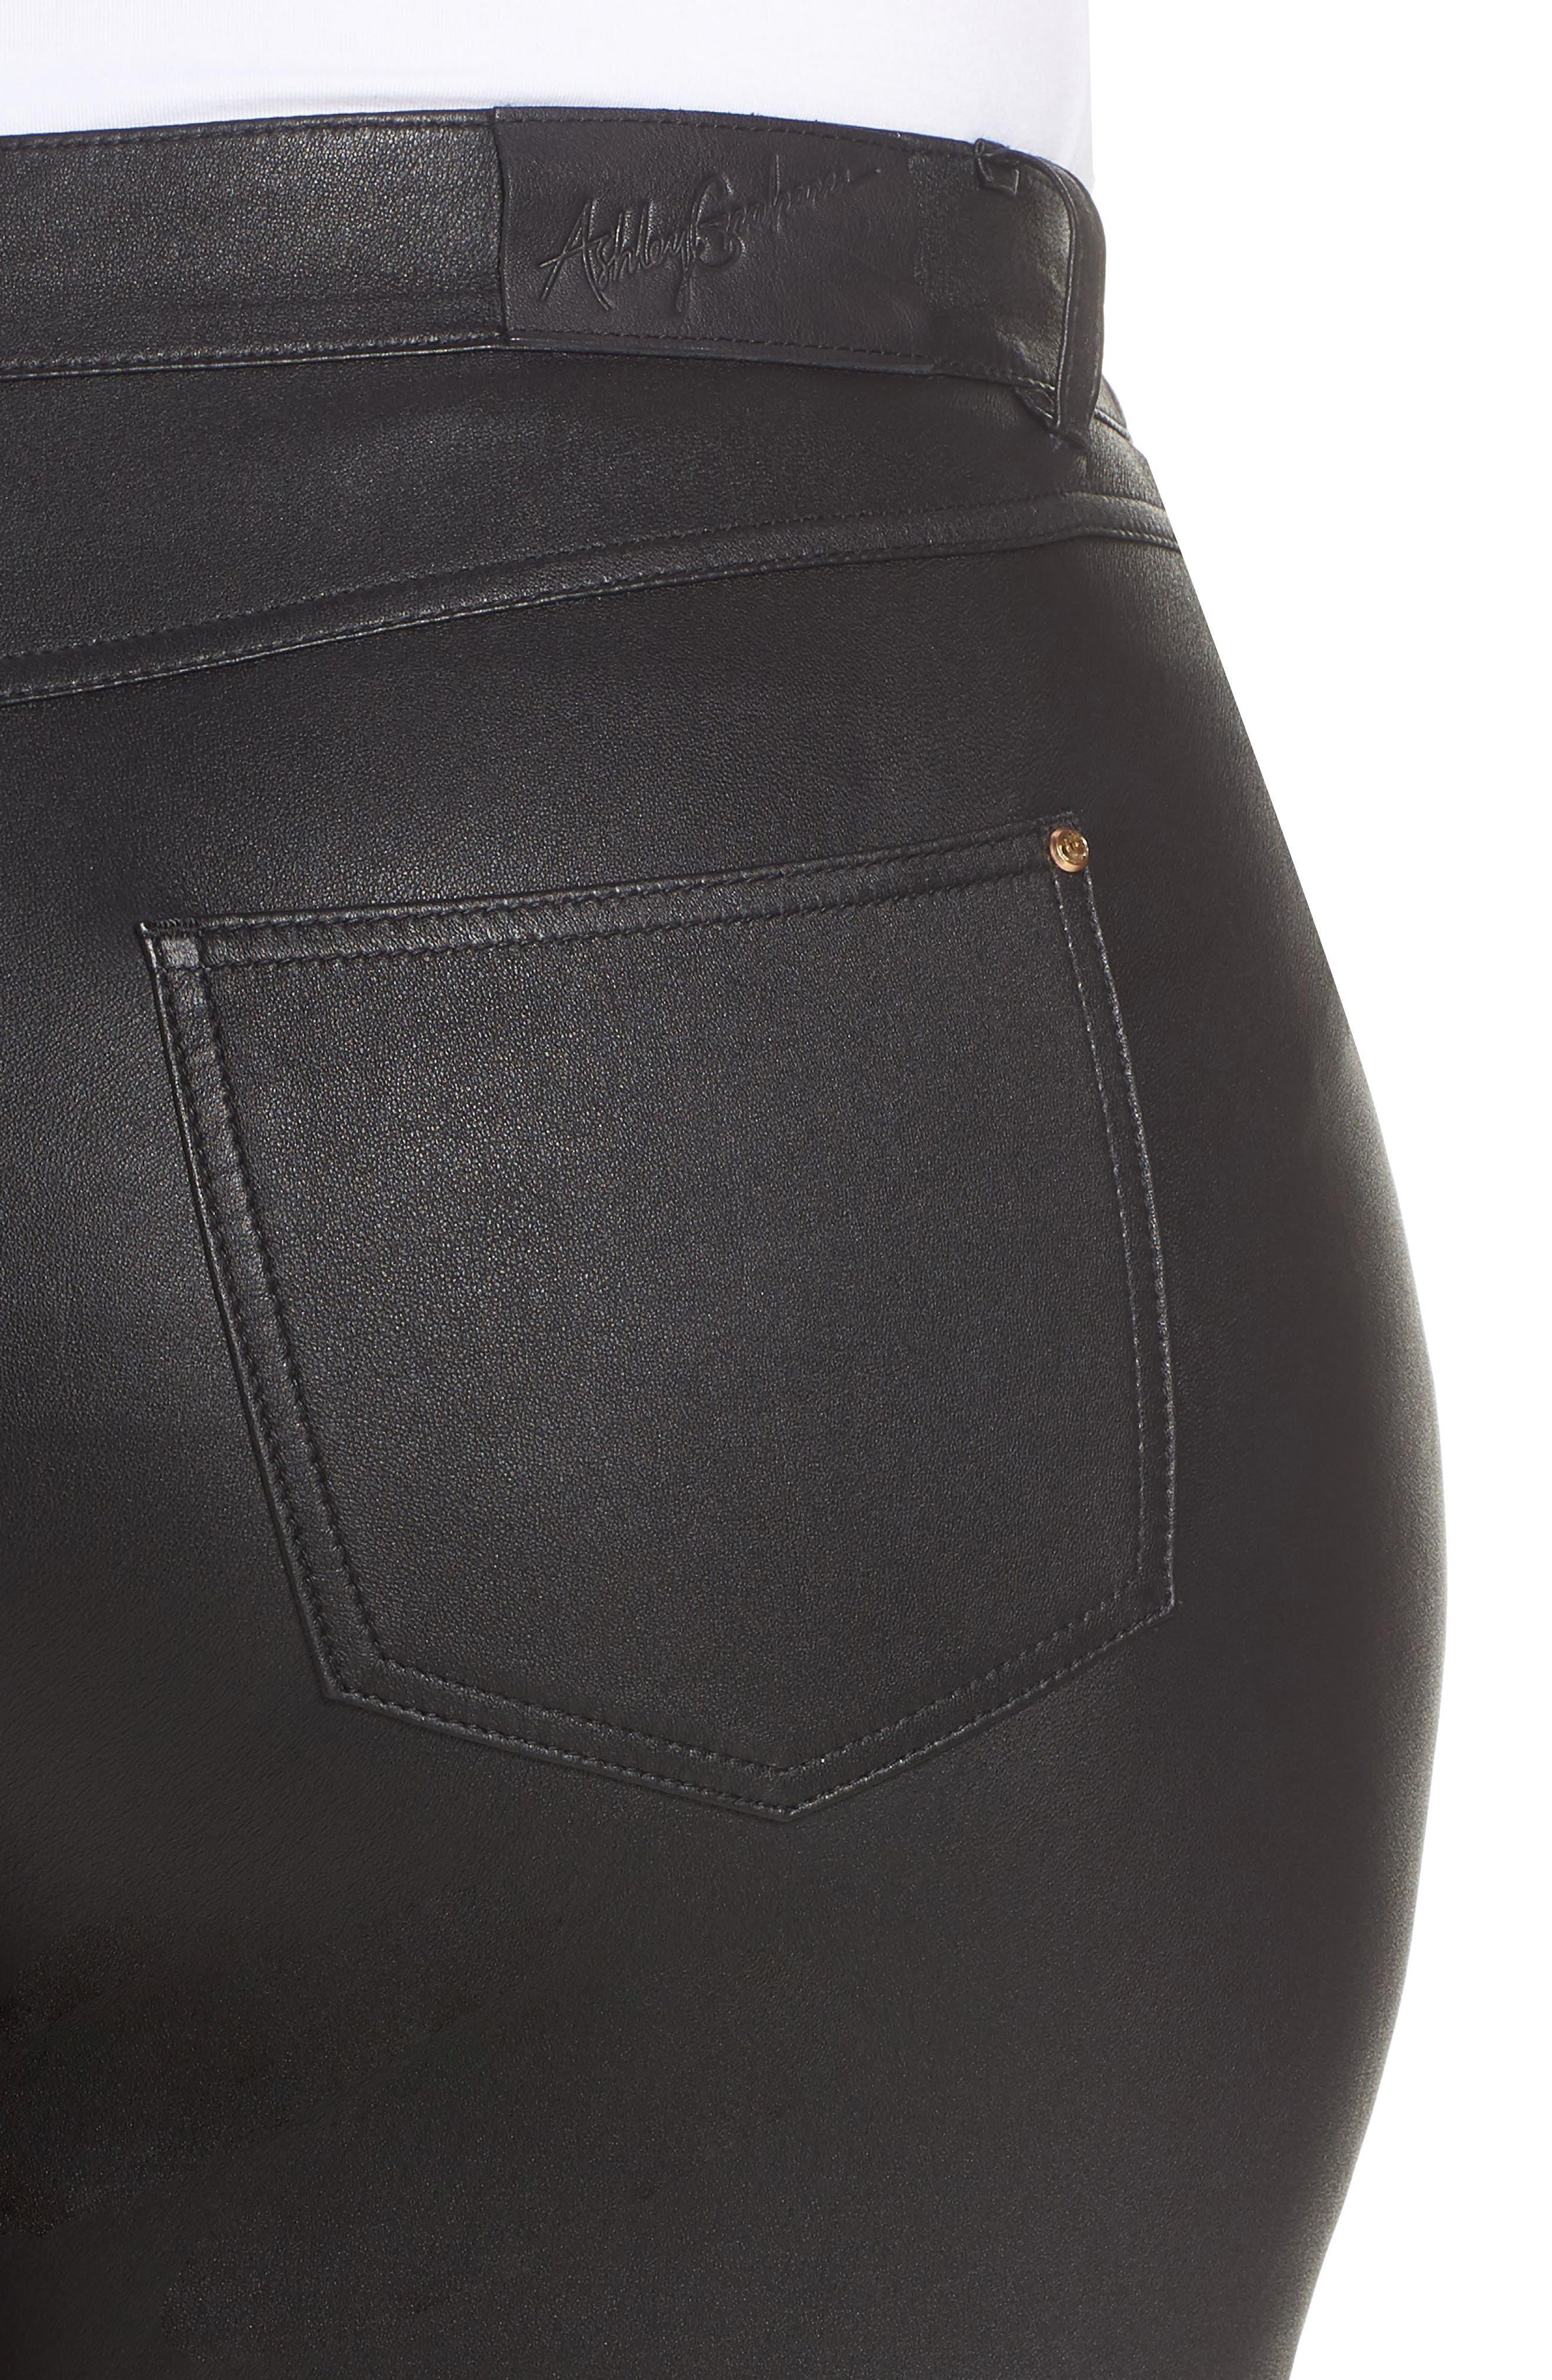 Eboli Leather Pants,                             Alternate thumbnail 4, color,                             Black